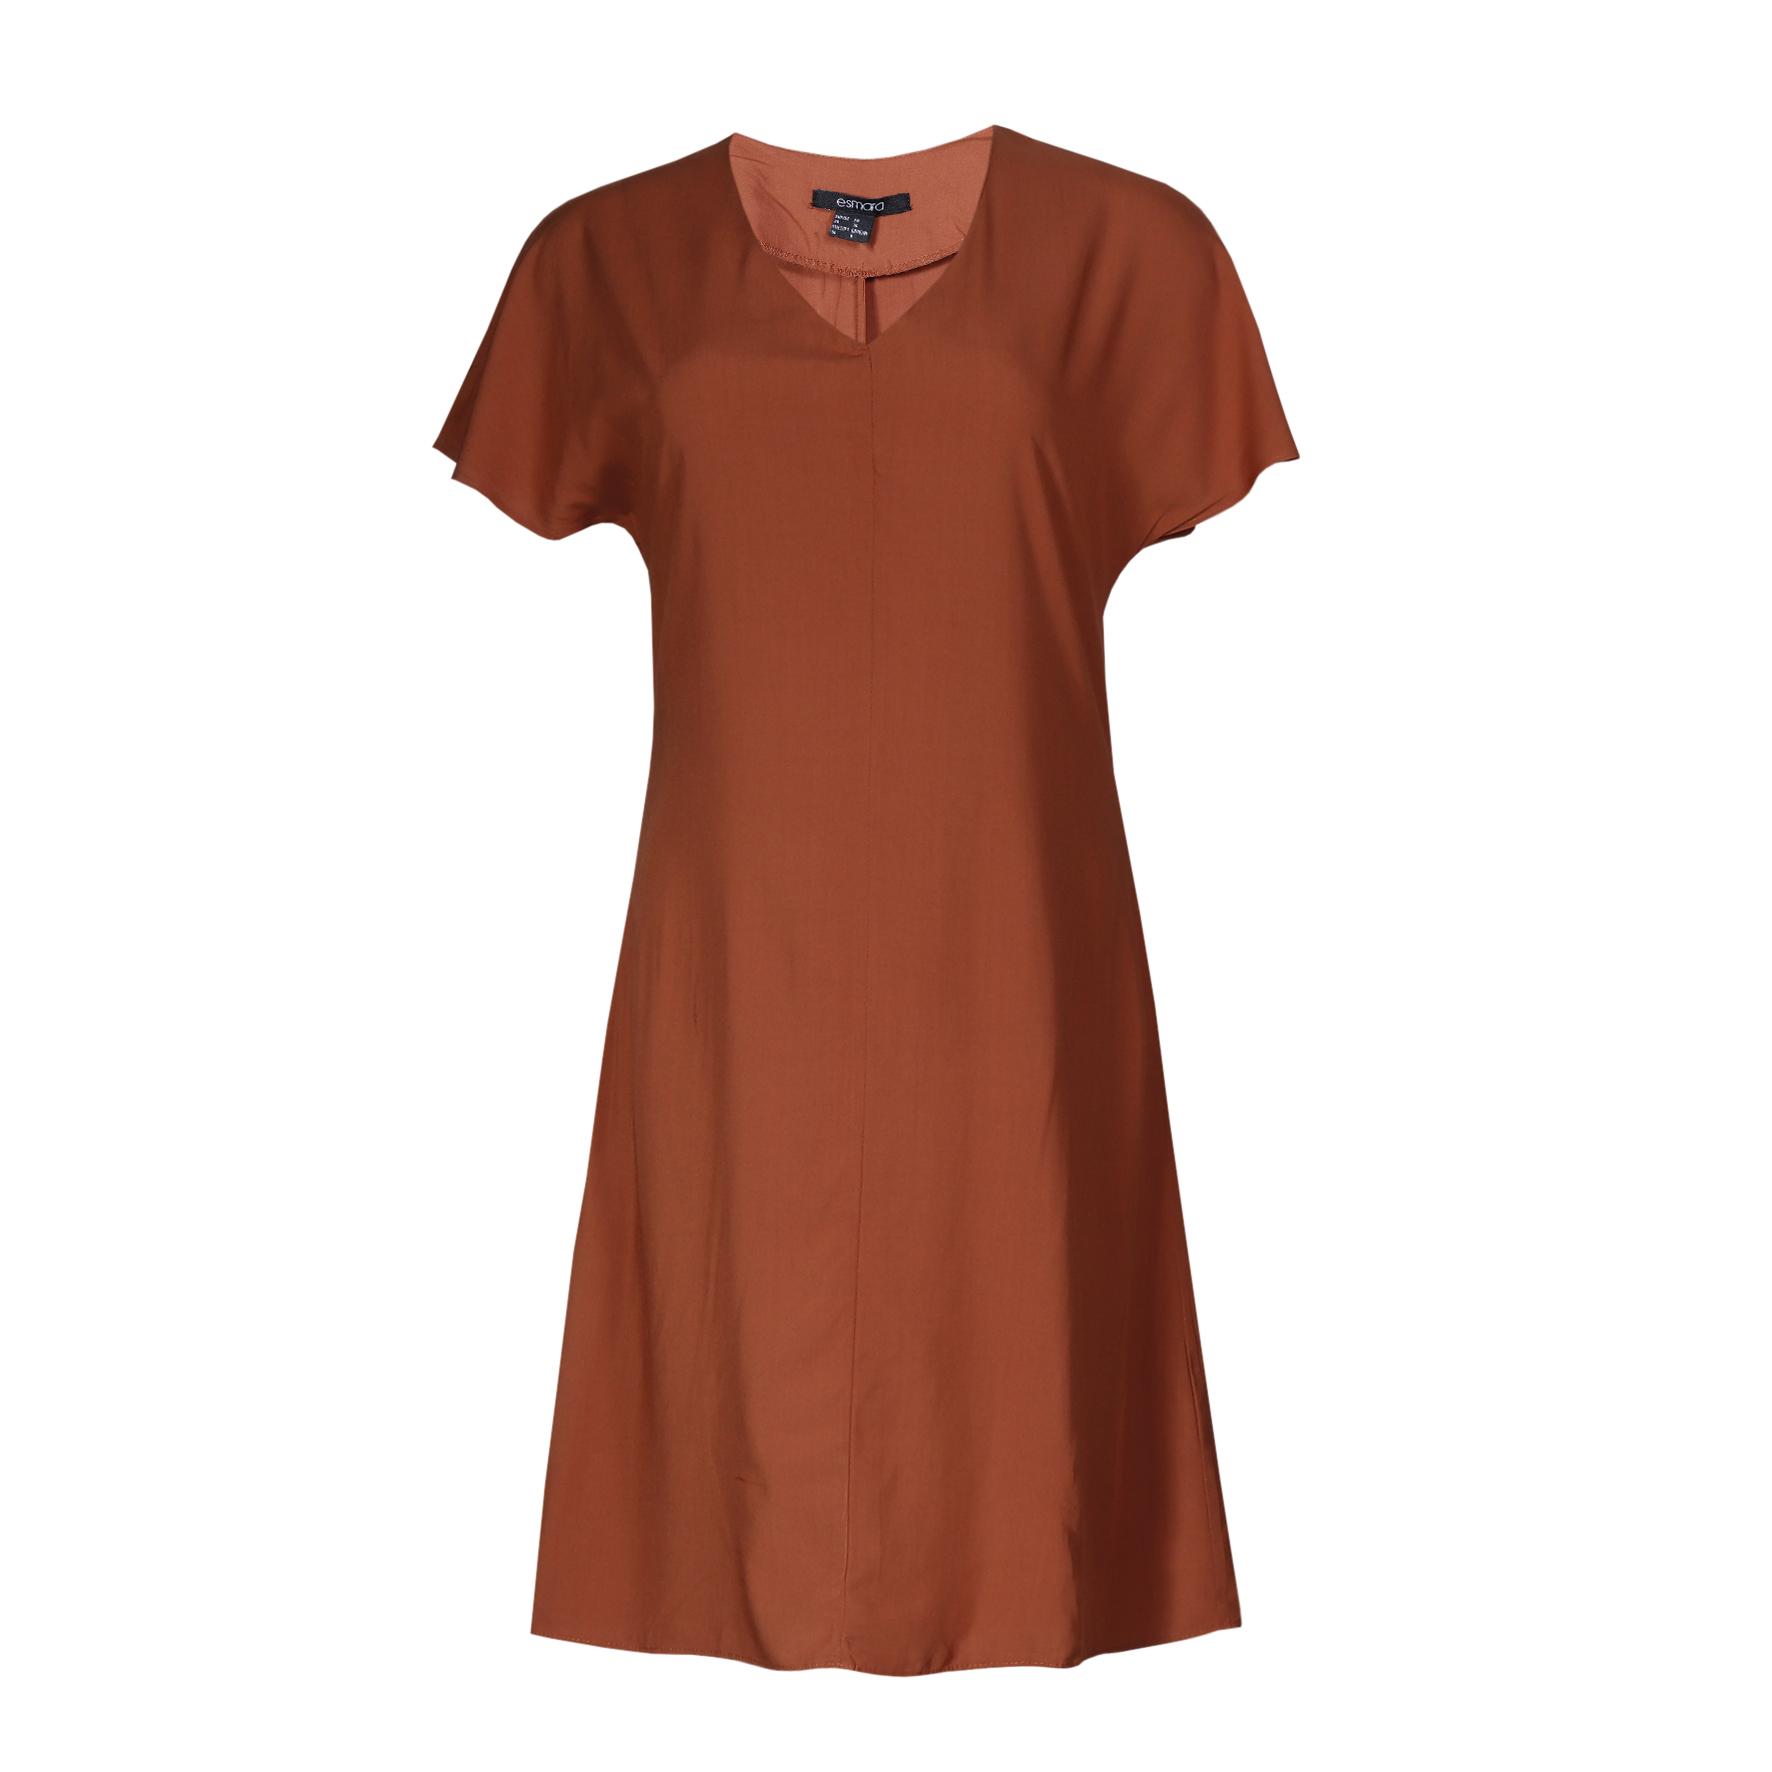 پیراهن زنانه اسمارا مدل 8227